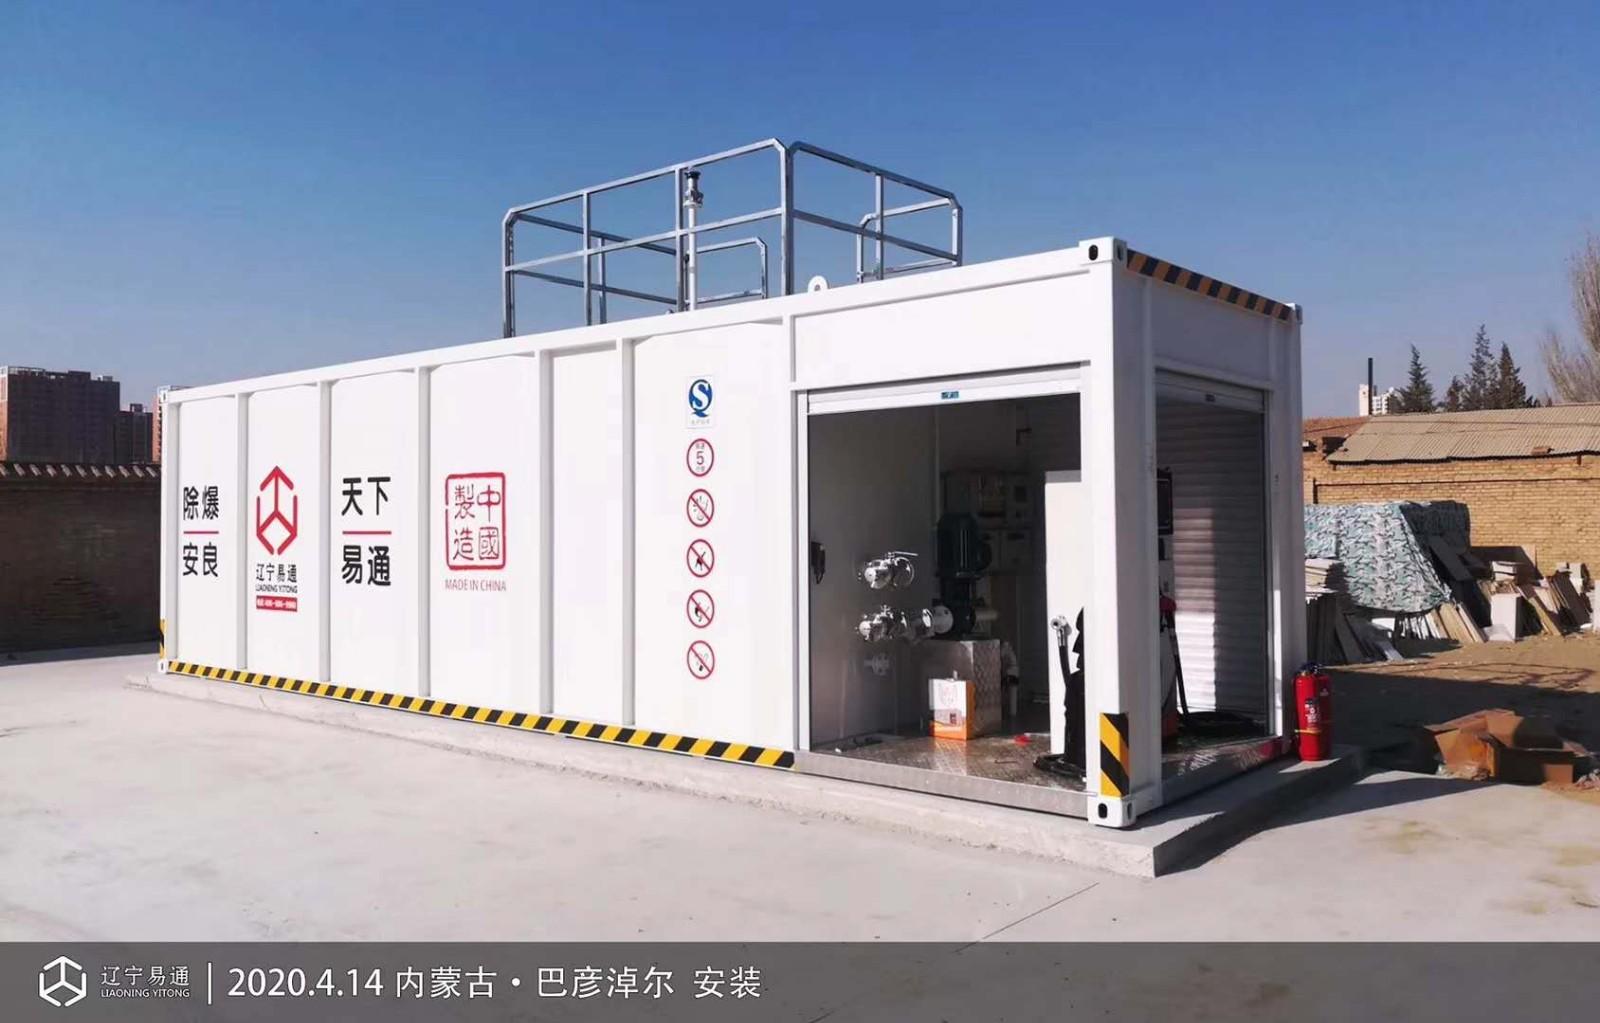 2020年4月14日 内蒙古 50立方 阻隔ios雷竞技撬装加油装置安装调试完毕